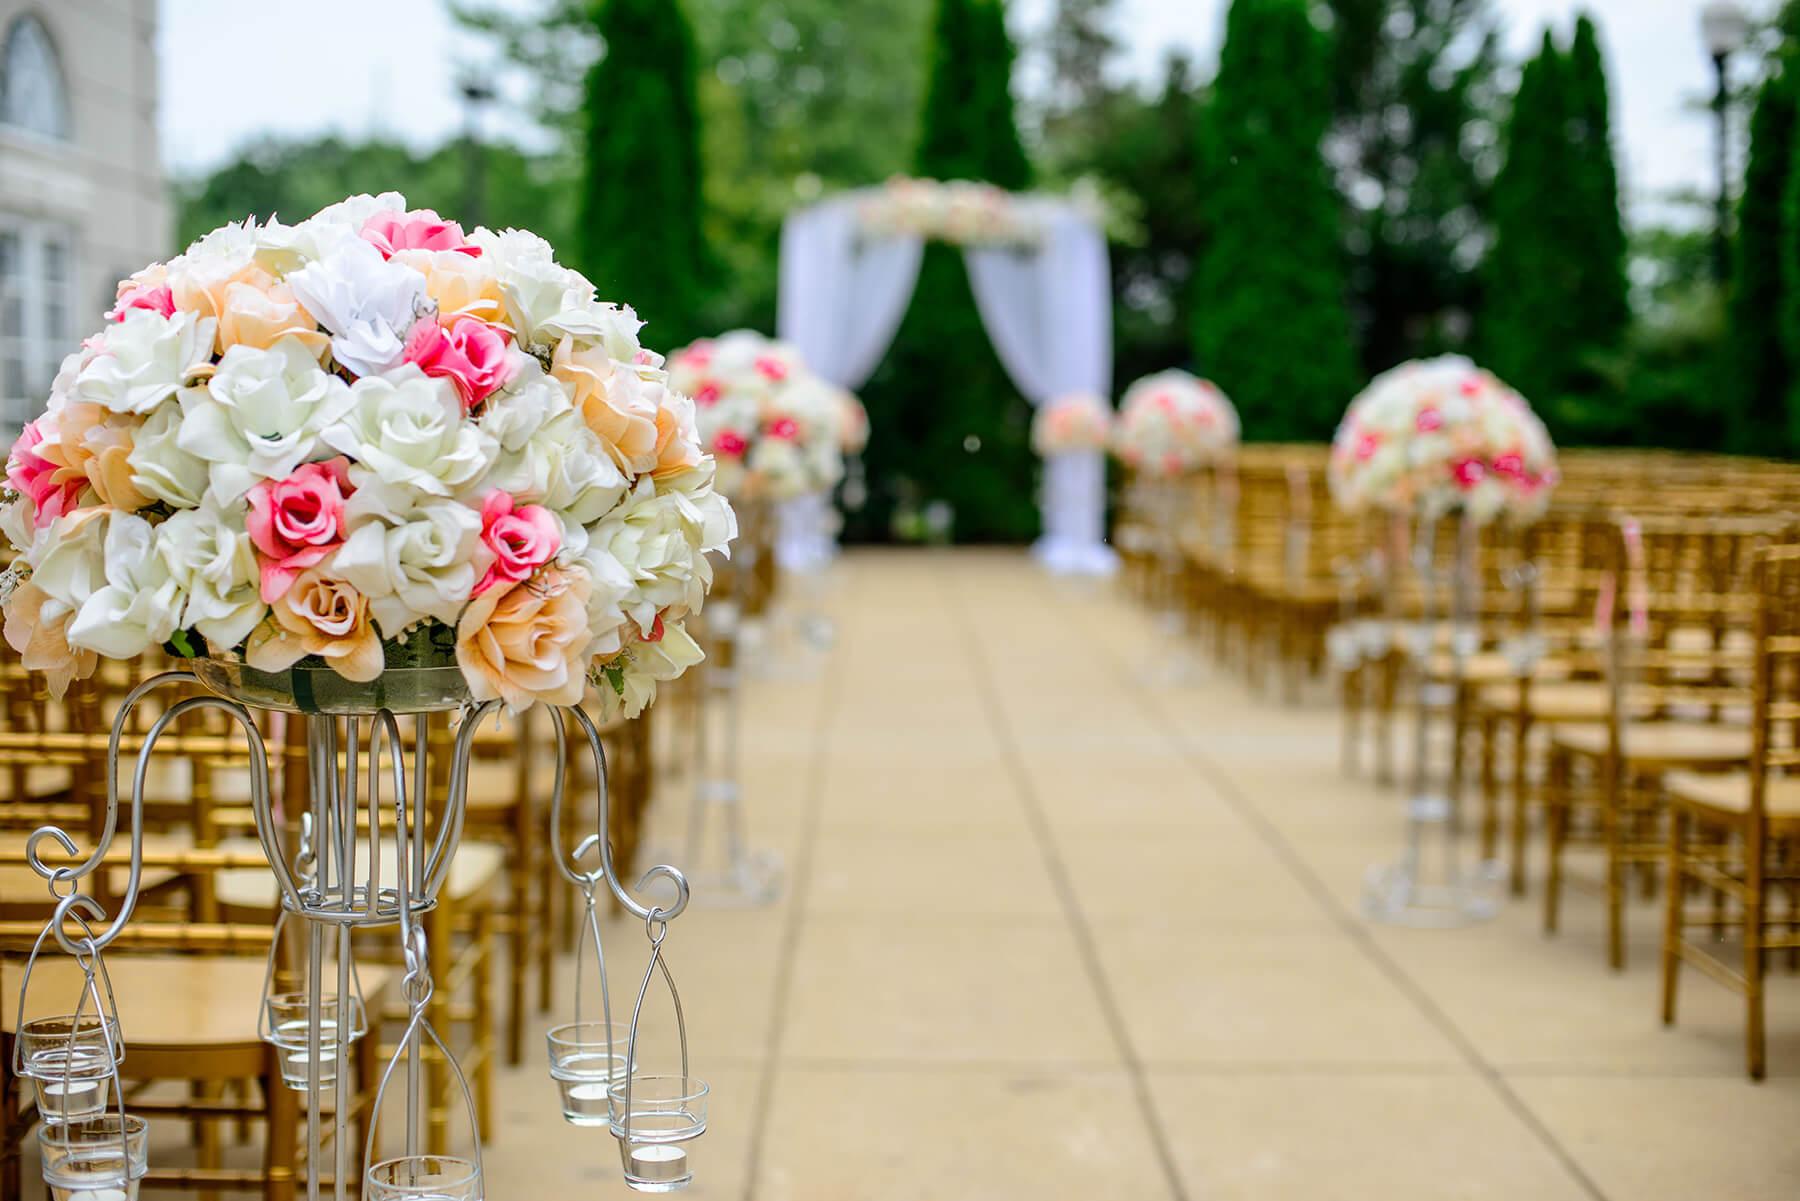 7 Ways to Plan a Mouth Watering Vegetarian Wedding